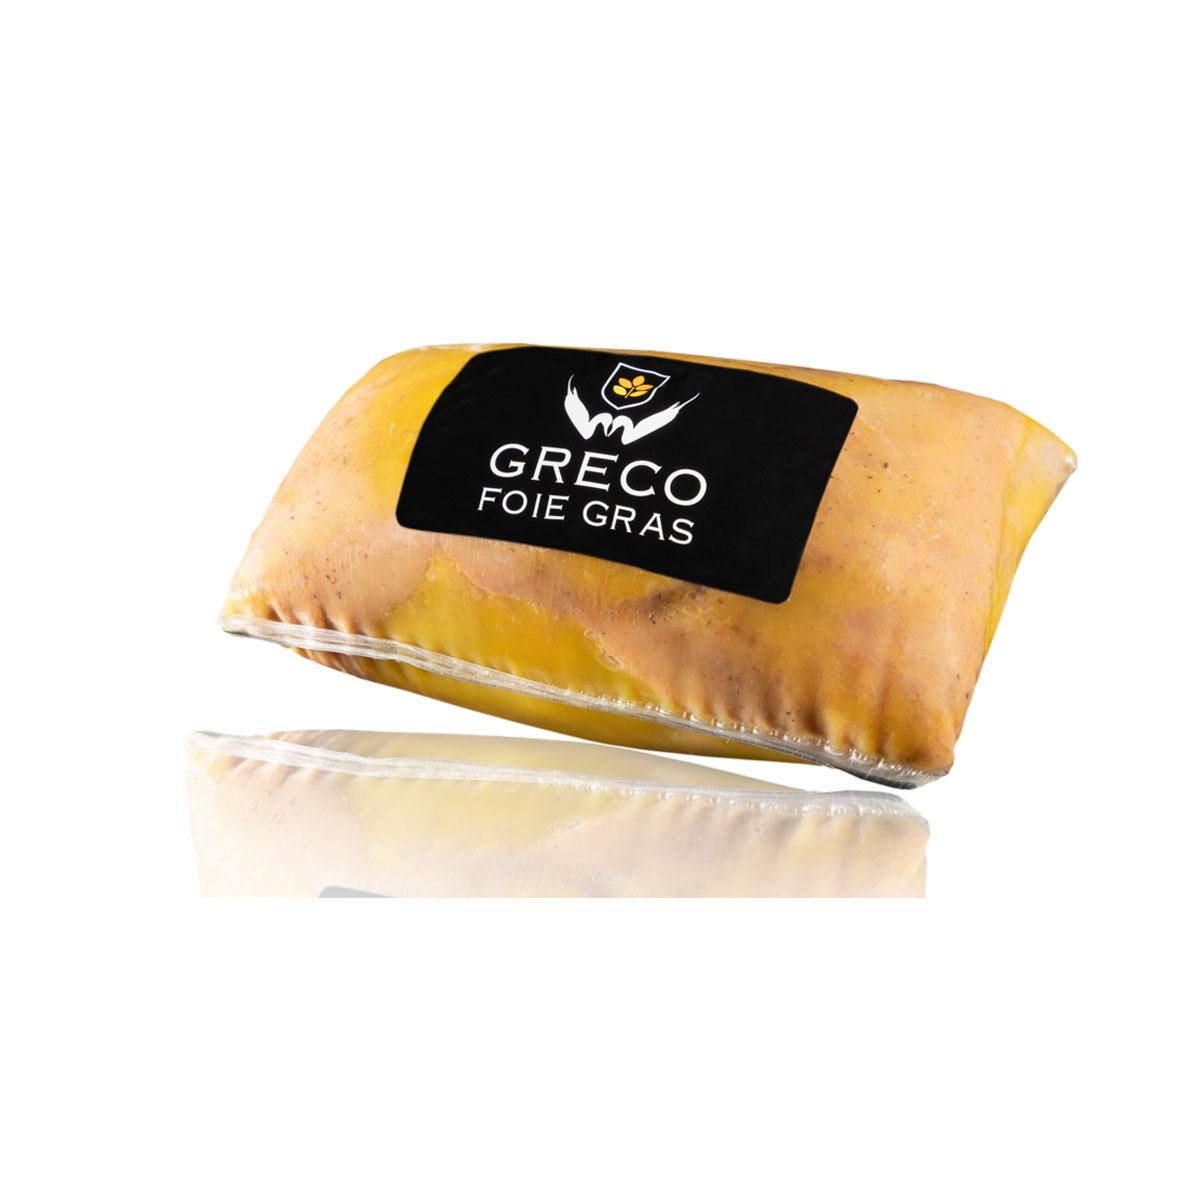 Foie gras mi-cuit al Armagnac